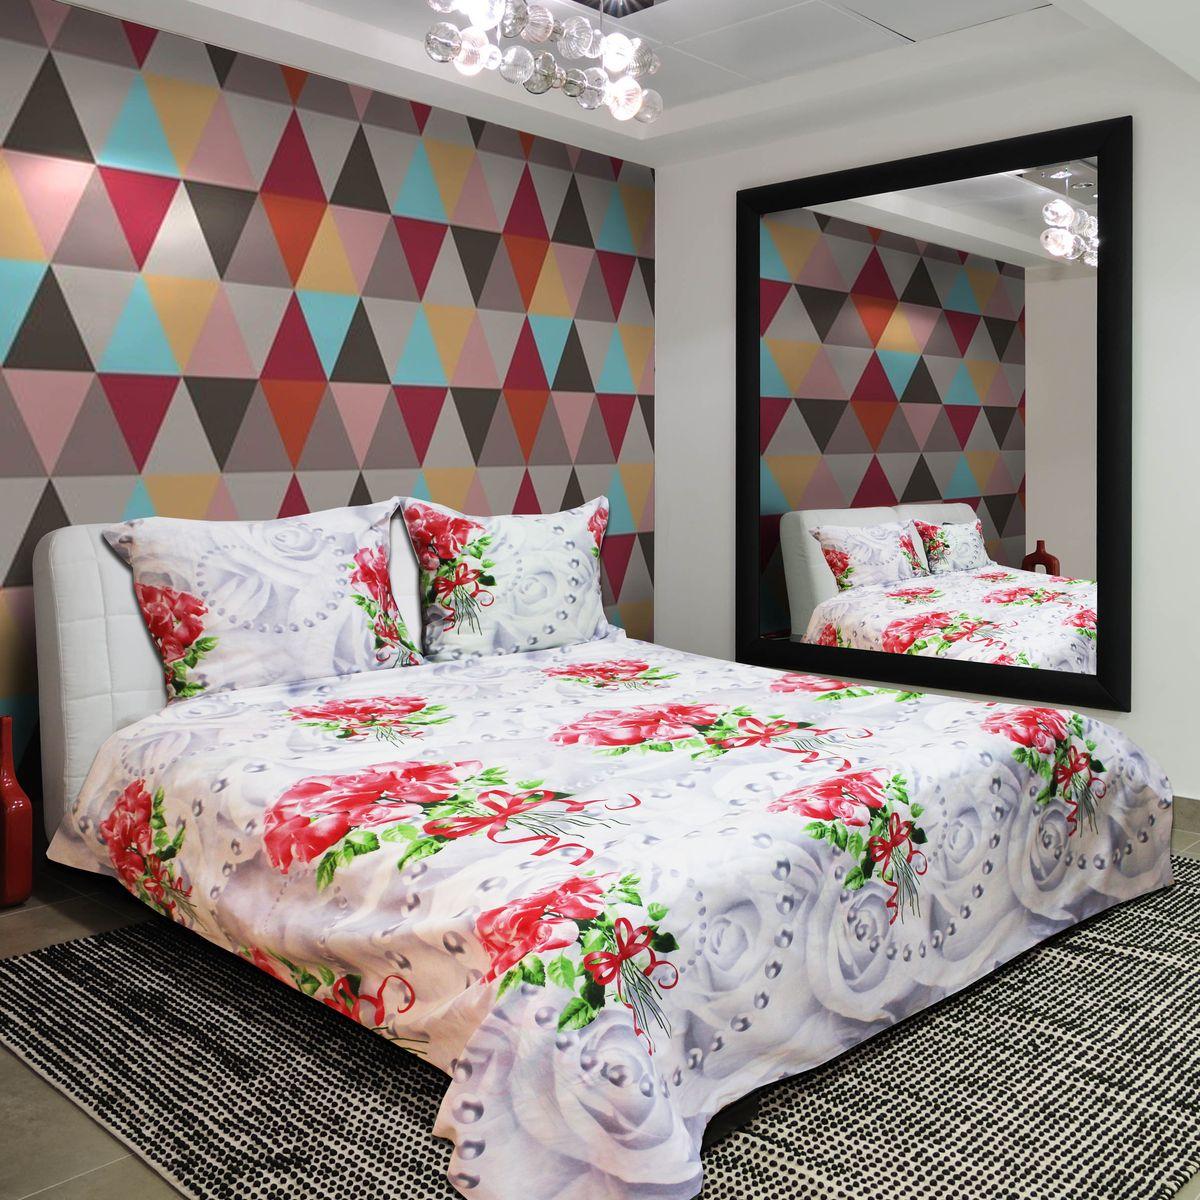 Комплект белья Amore Mio Pearl, 1,5-спальный, наволочки 70х7077707Комплект постельного белья Amore Mio является экологически безопасным для всей семьи, так как выполнен из бязи (100% хлопок). Комплект состоит из пододеяльника, простыни и двух наволочек. Постельное белье оформлено оригинальным рисунком и имеет изысканный внешний вид. Легкая, плотная, мягкая ткань отлично стирается, гладится, быстро сохнет. Рекомендации по уходу: Химчистка и отбеливание запрещены. Рекомендуется стирка в прохладной воде при температуре не выше 30°С.